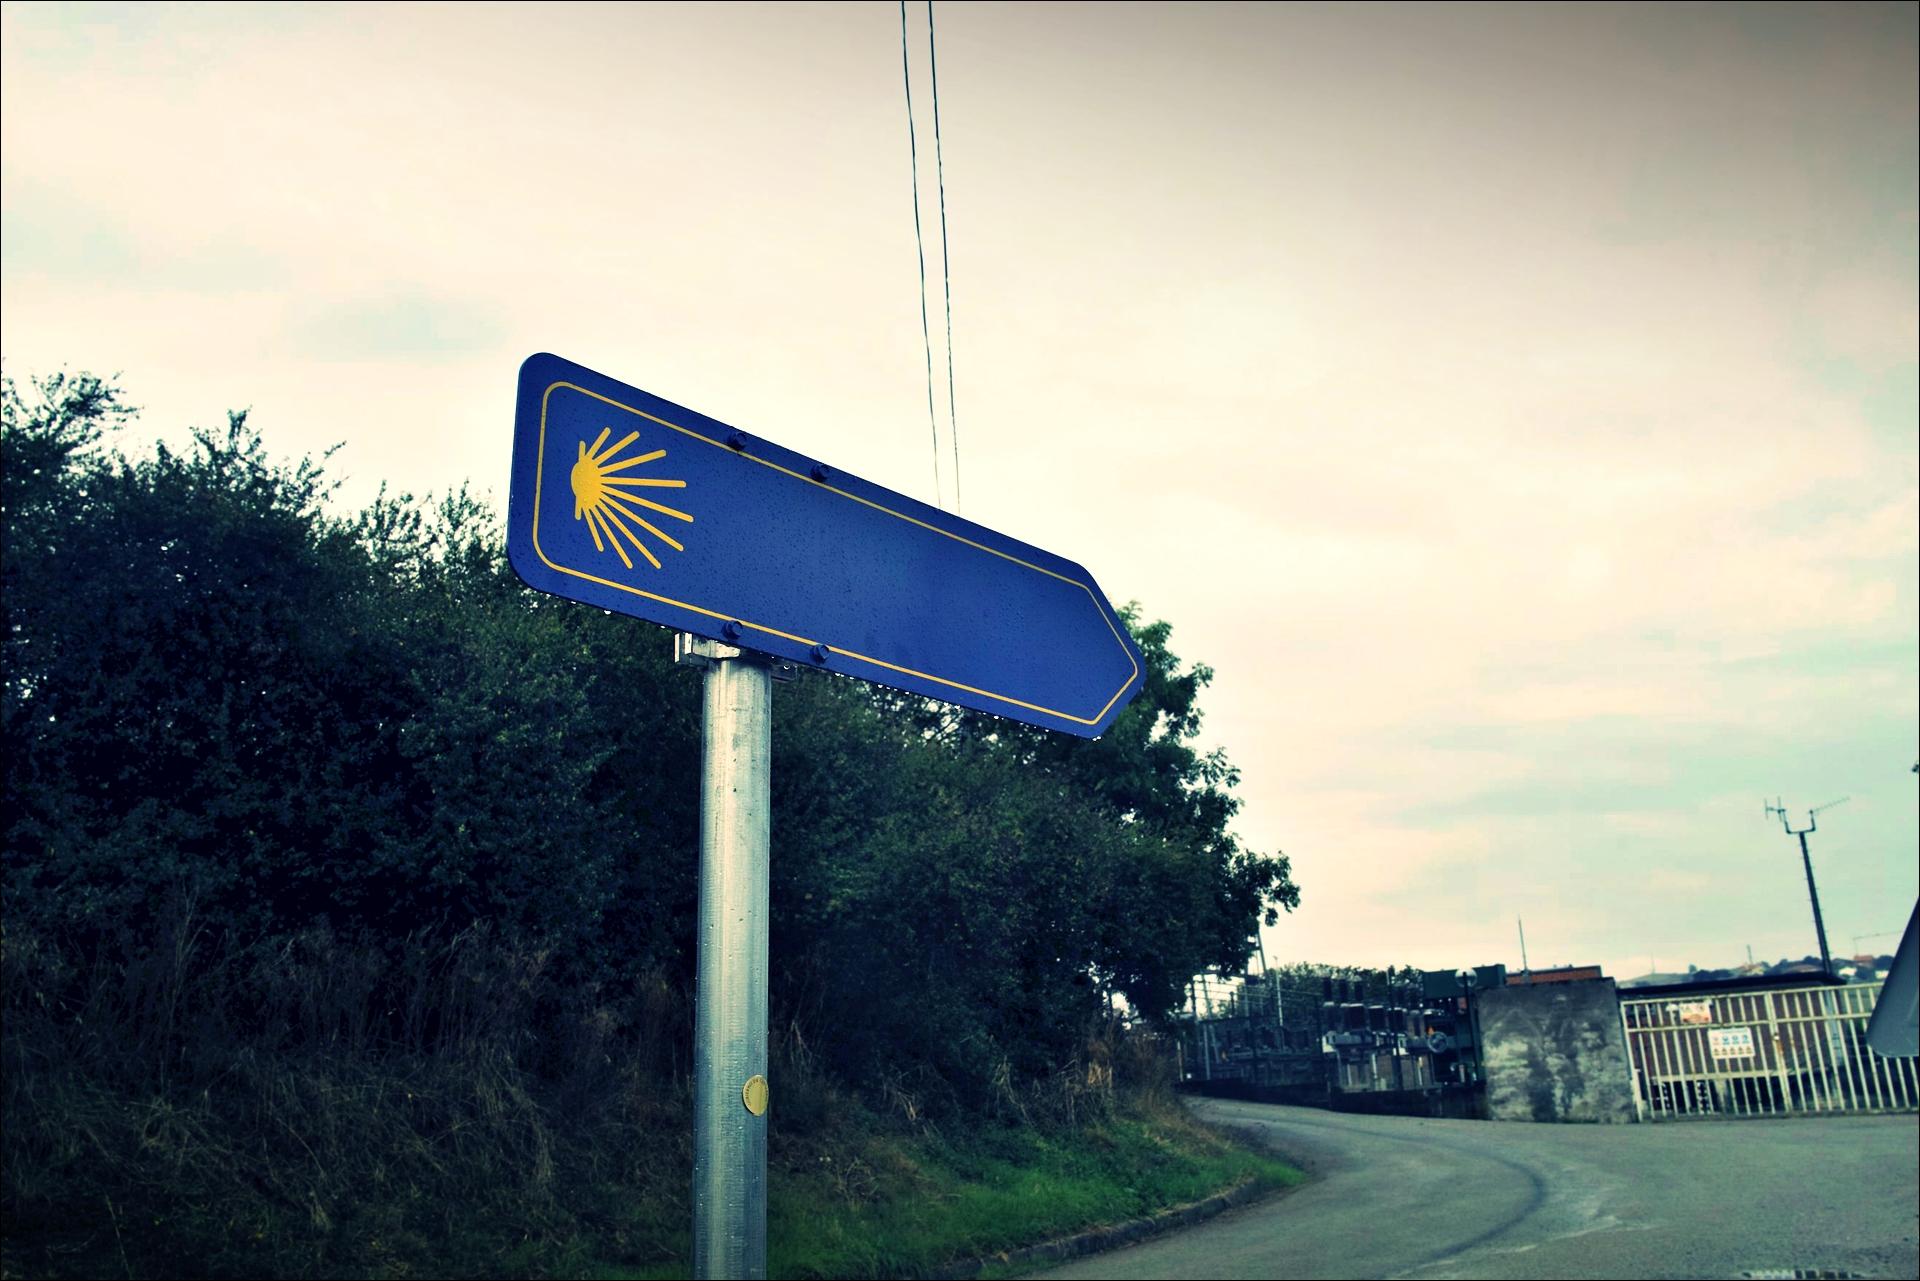 이정표-'카미노 데 산티아고 북쪽길. 노하에서 궤메스. (Camino del Norte - Noja to Güemes)'